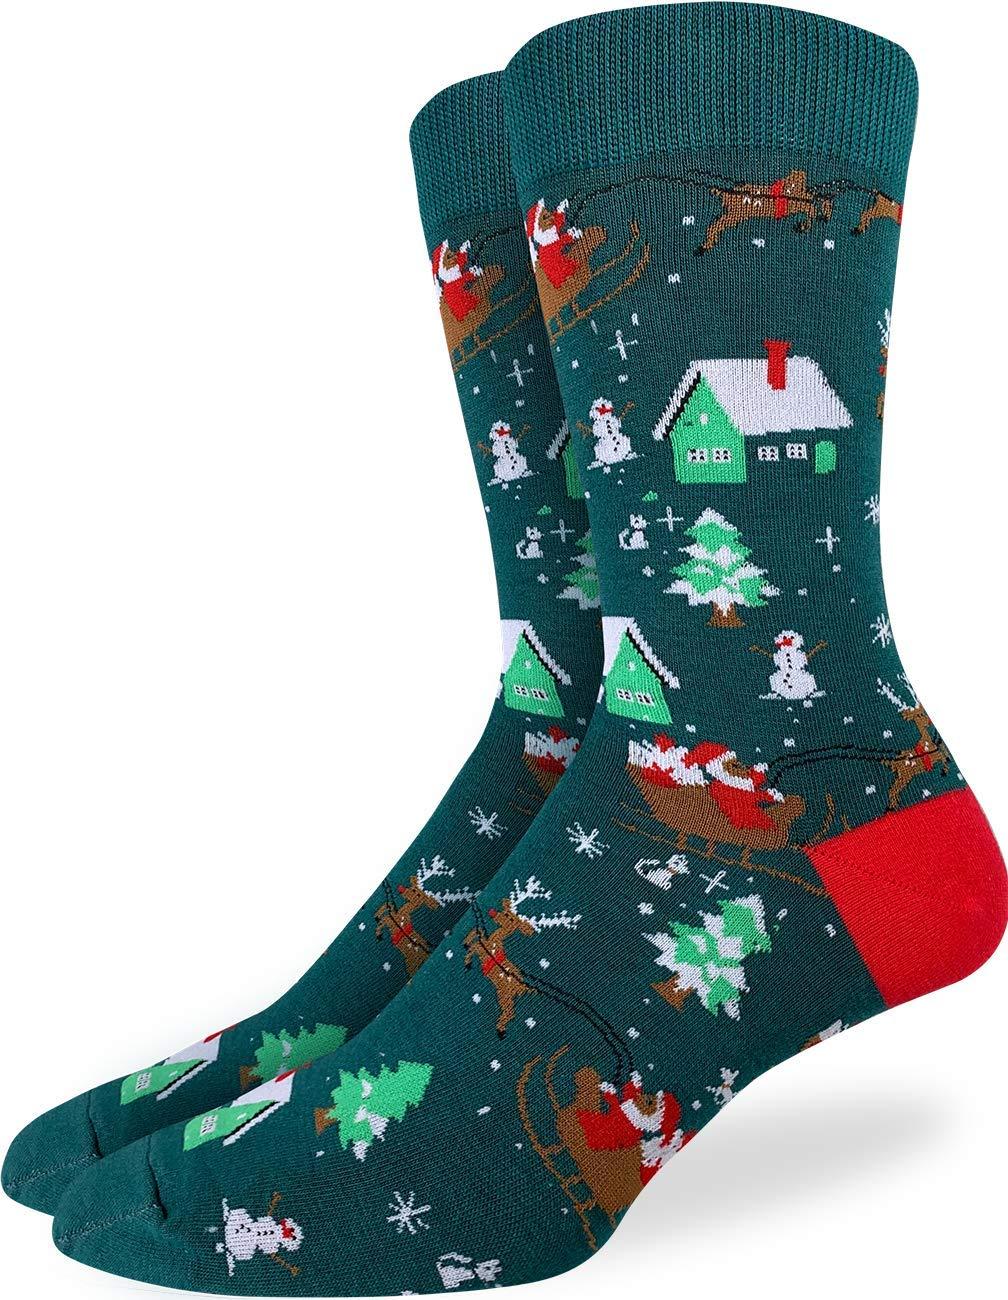 Good Luck Sock Men's Santa on a Sled Christmas Socks - Green, Shoe Size 7-12